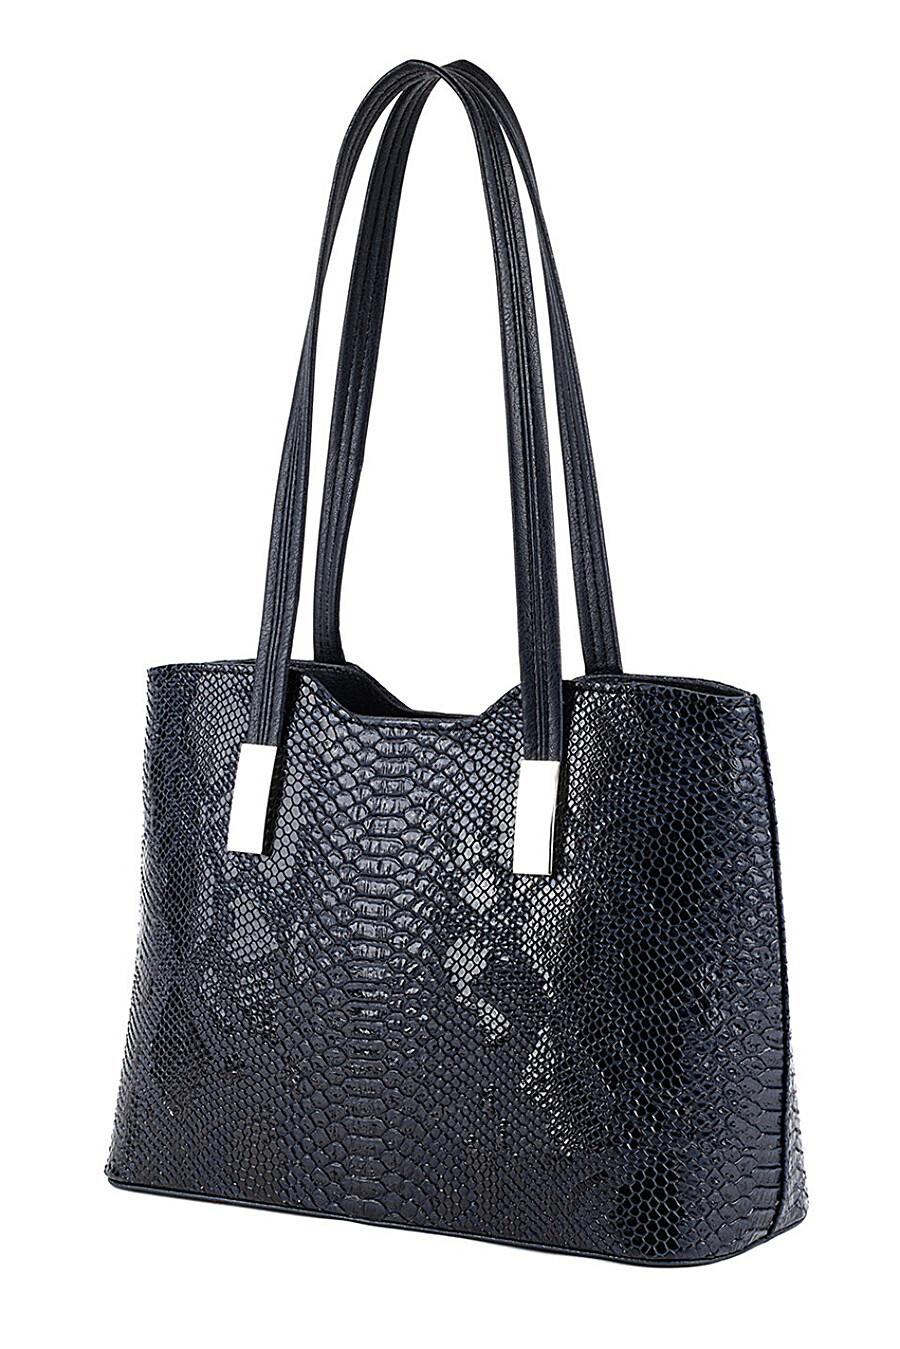 Сумка для женщин L-CRAFT 260341 купить оптом от производителя. Совместная покупка женской одежды в OptMoyo